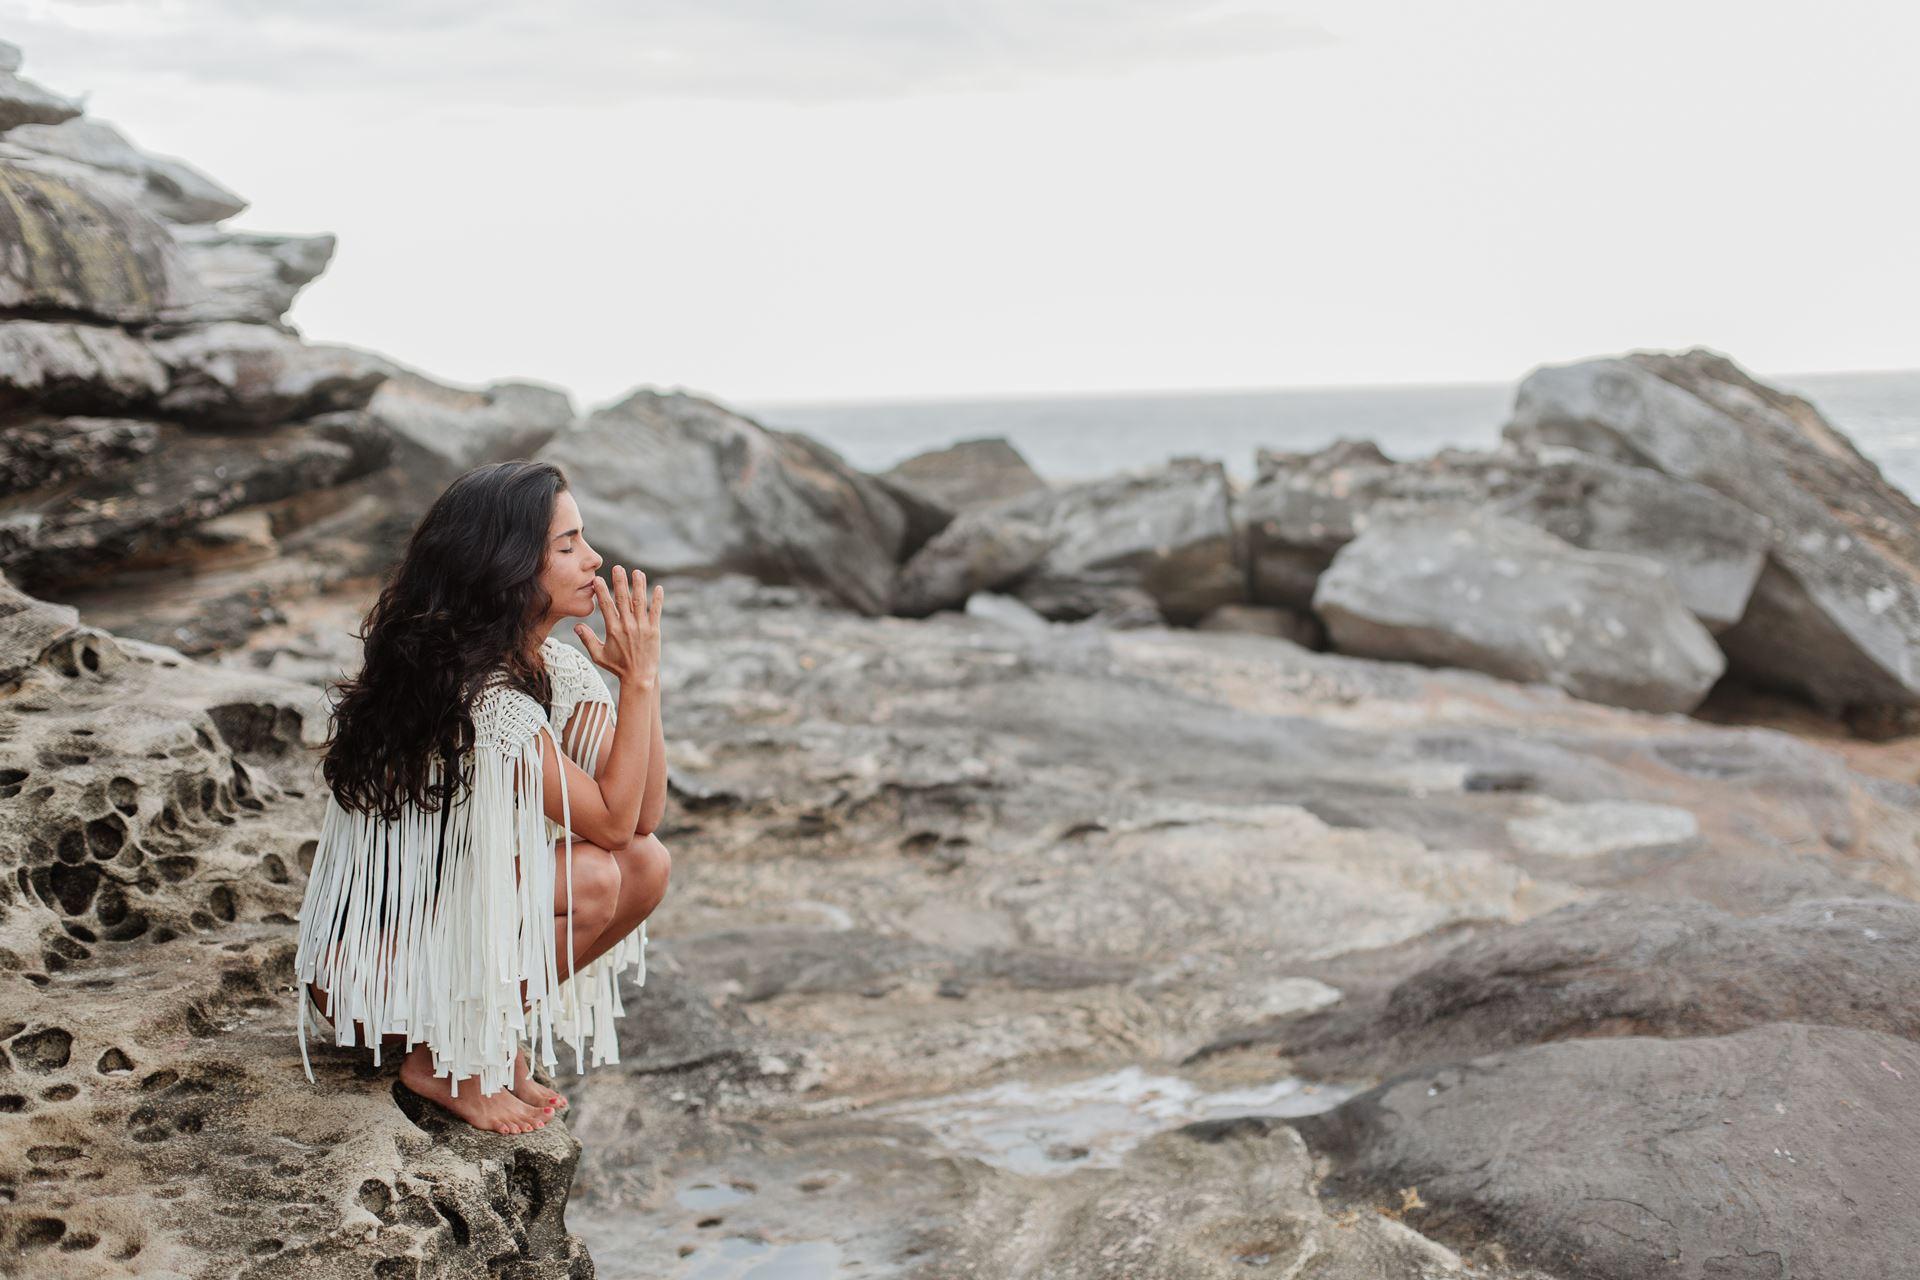 Bewusstsein erweitern durch beten